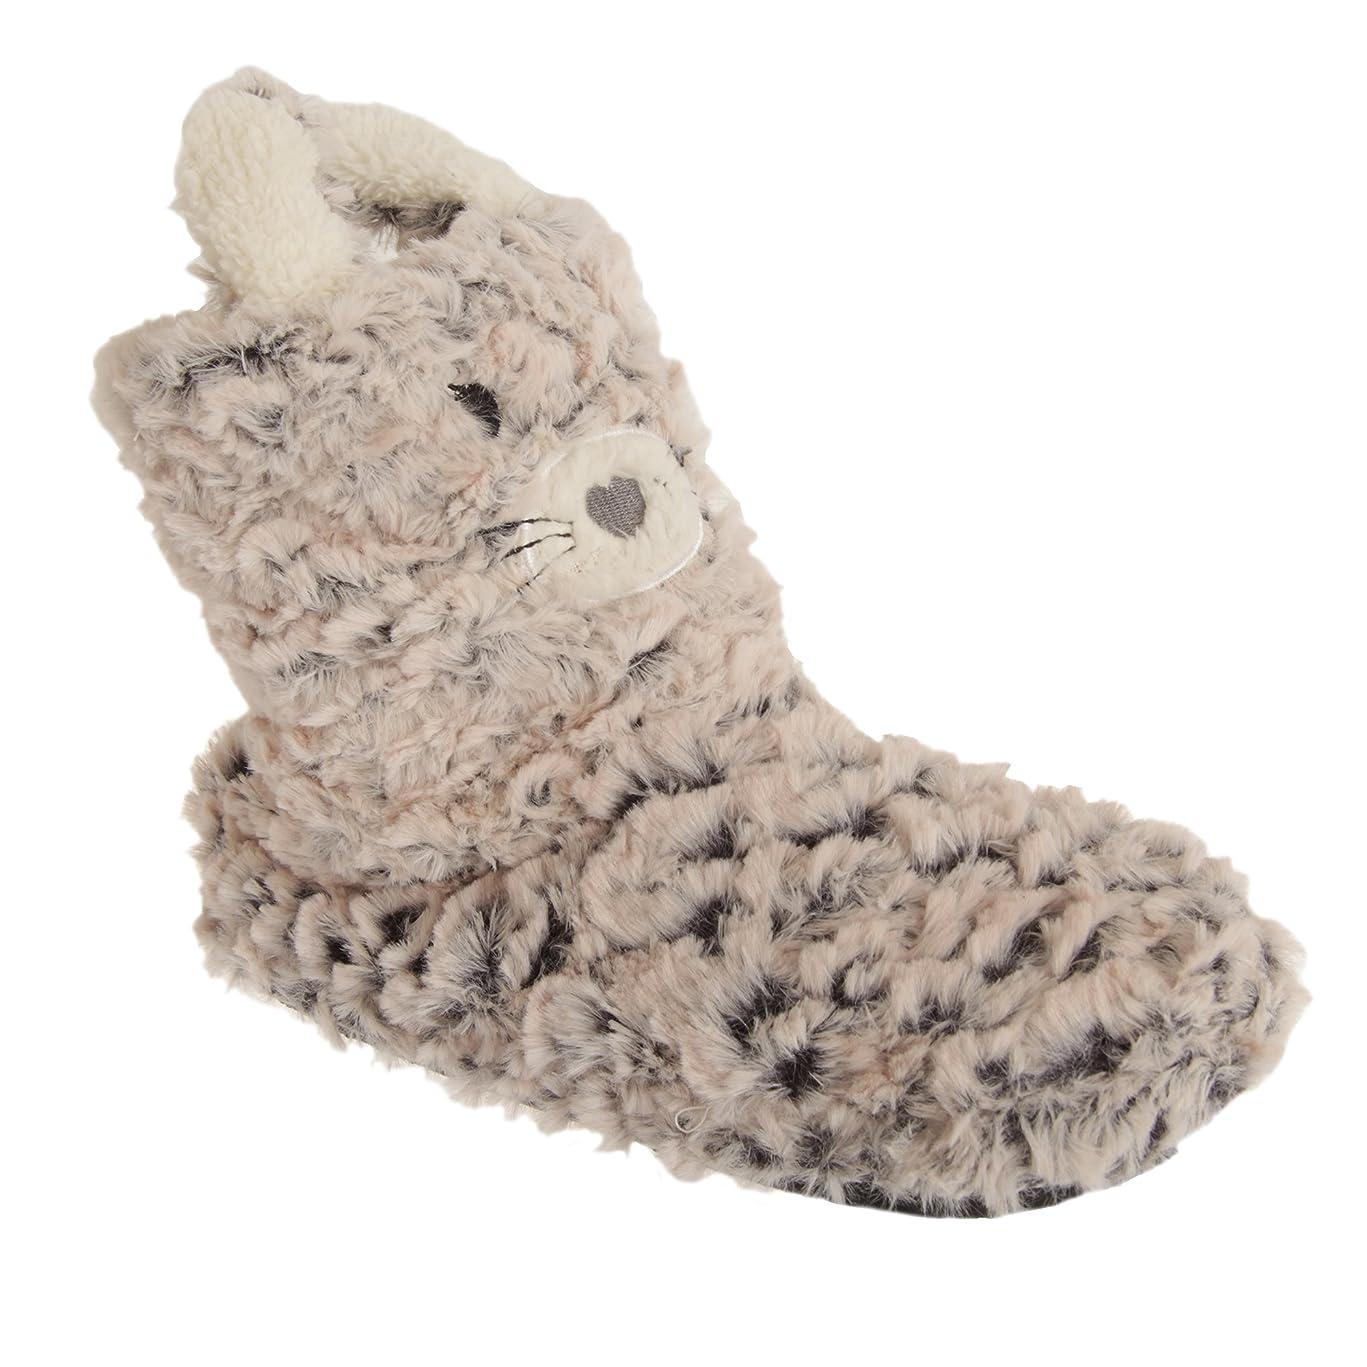 間接的眩惑する湿気の多い[Universal Textiles] レディース猫デザイン ブーツスリッパ 婦人スリッパ 室内履き ルームシューズ 女性用 (7/8 UK) (ホワイトノーズ)